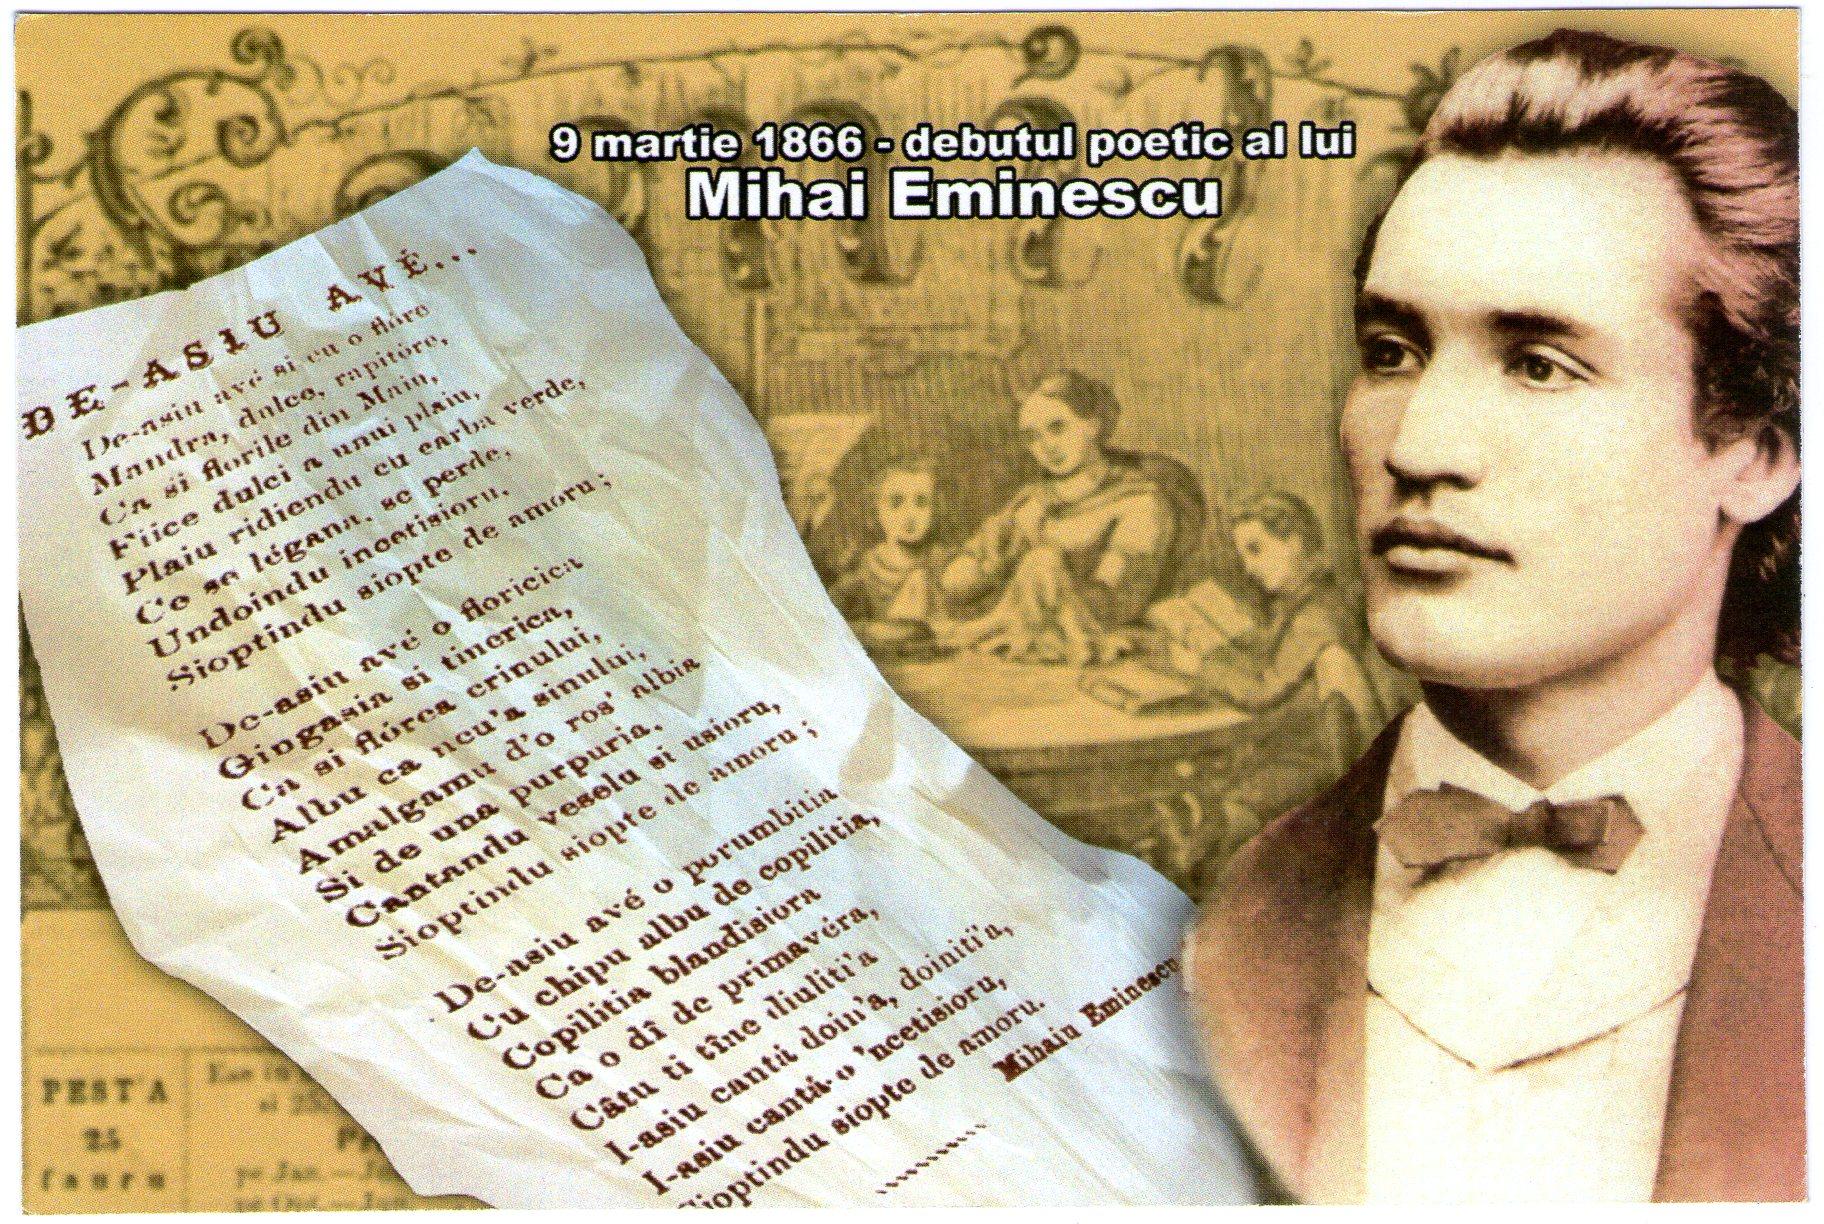 Mihai Eminescu, poetul nepereche al neamului românesc, ne-a lăst moștenire o operă de o valoare, vastitate, profunzime inestimabile. Suntem datori să o cunoaștem!